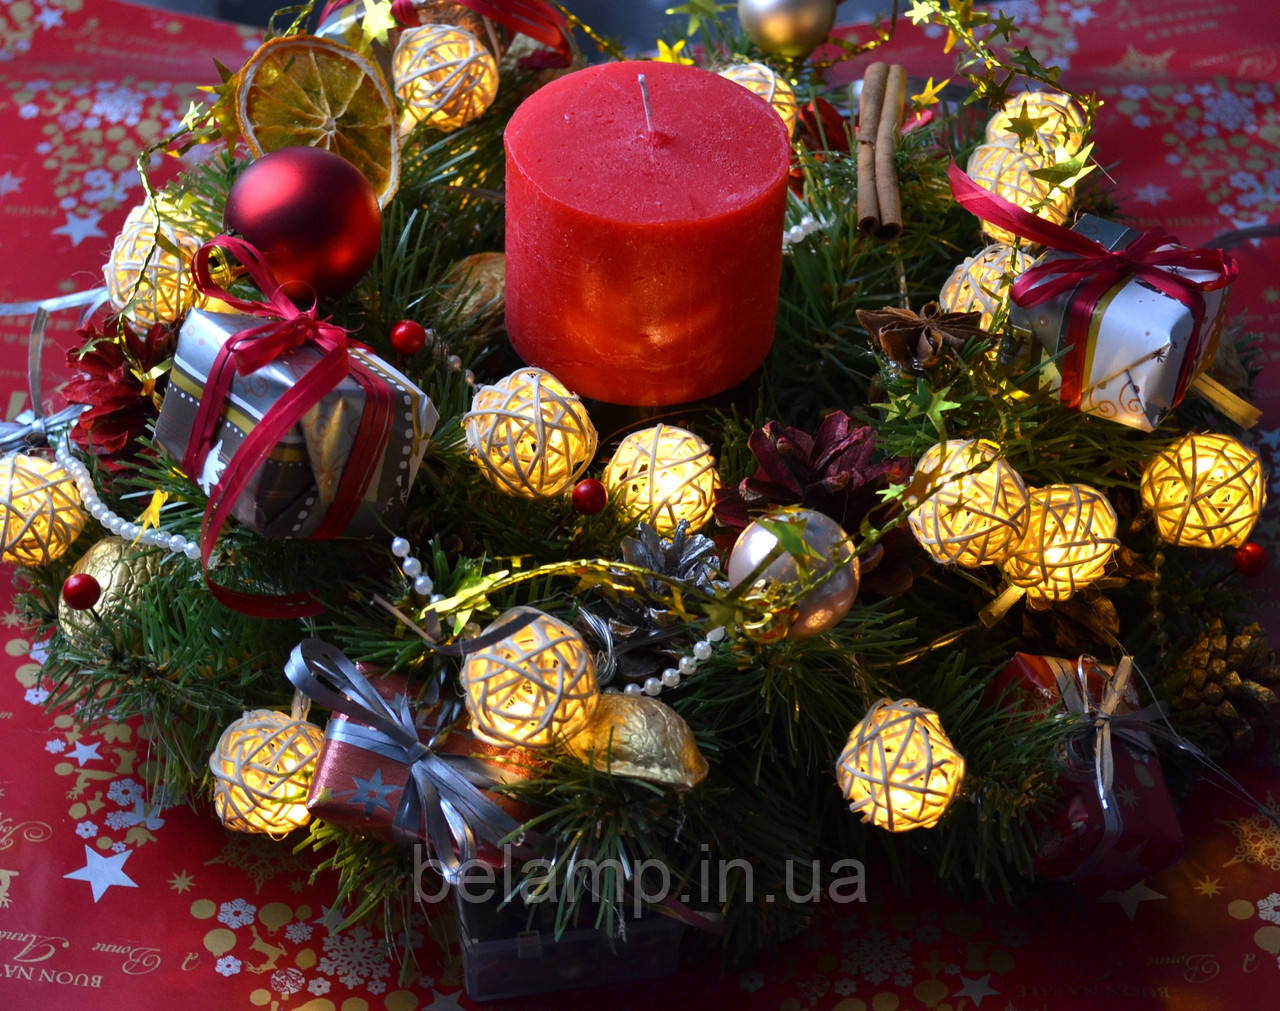 рождественский венок купить киев